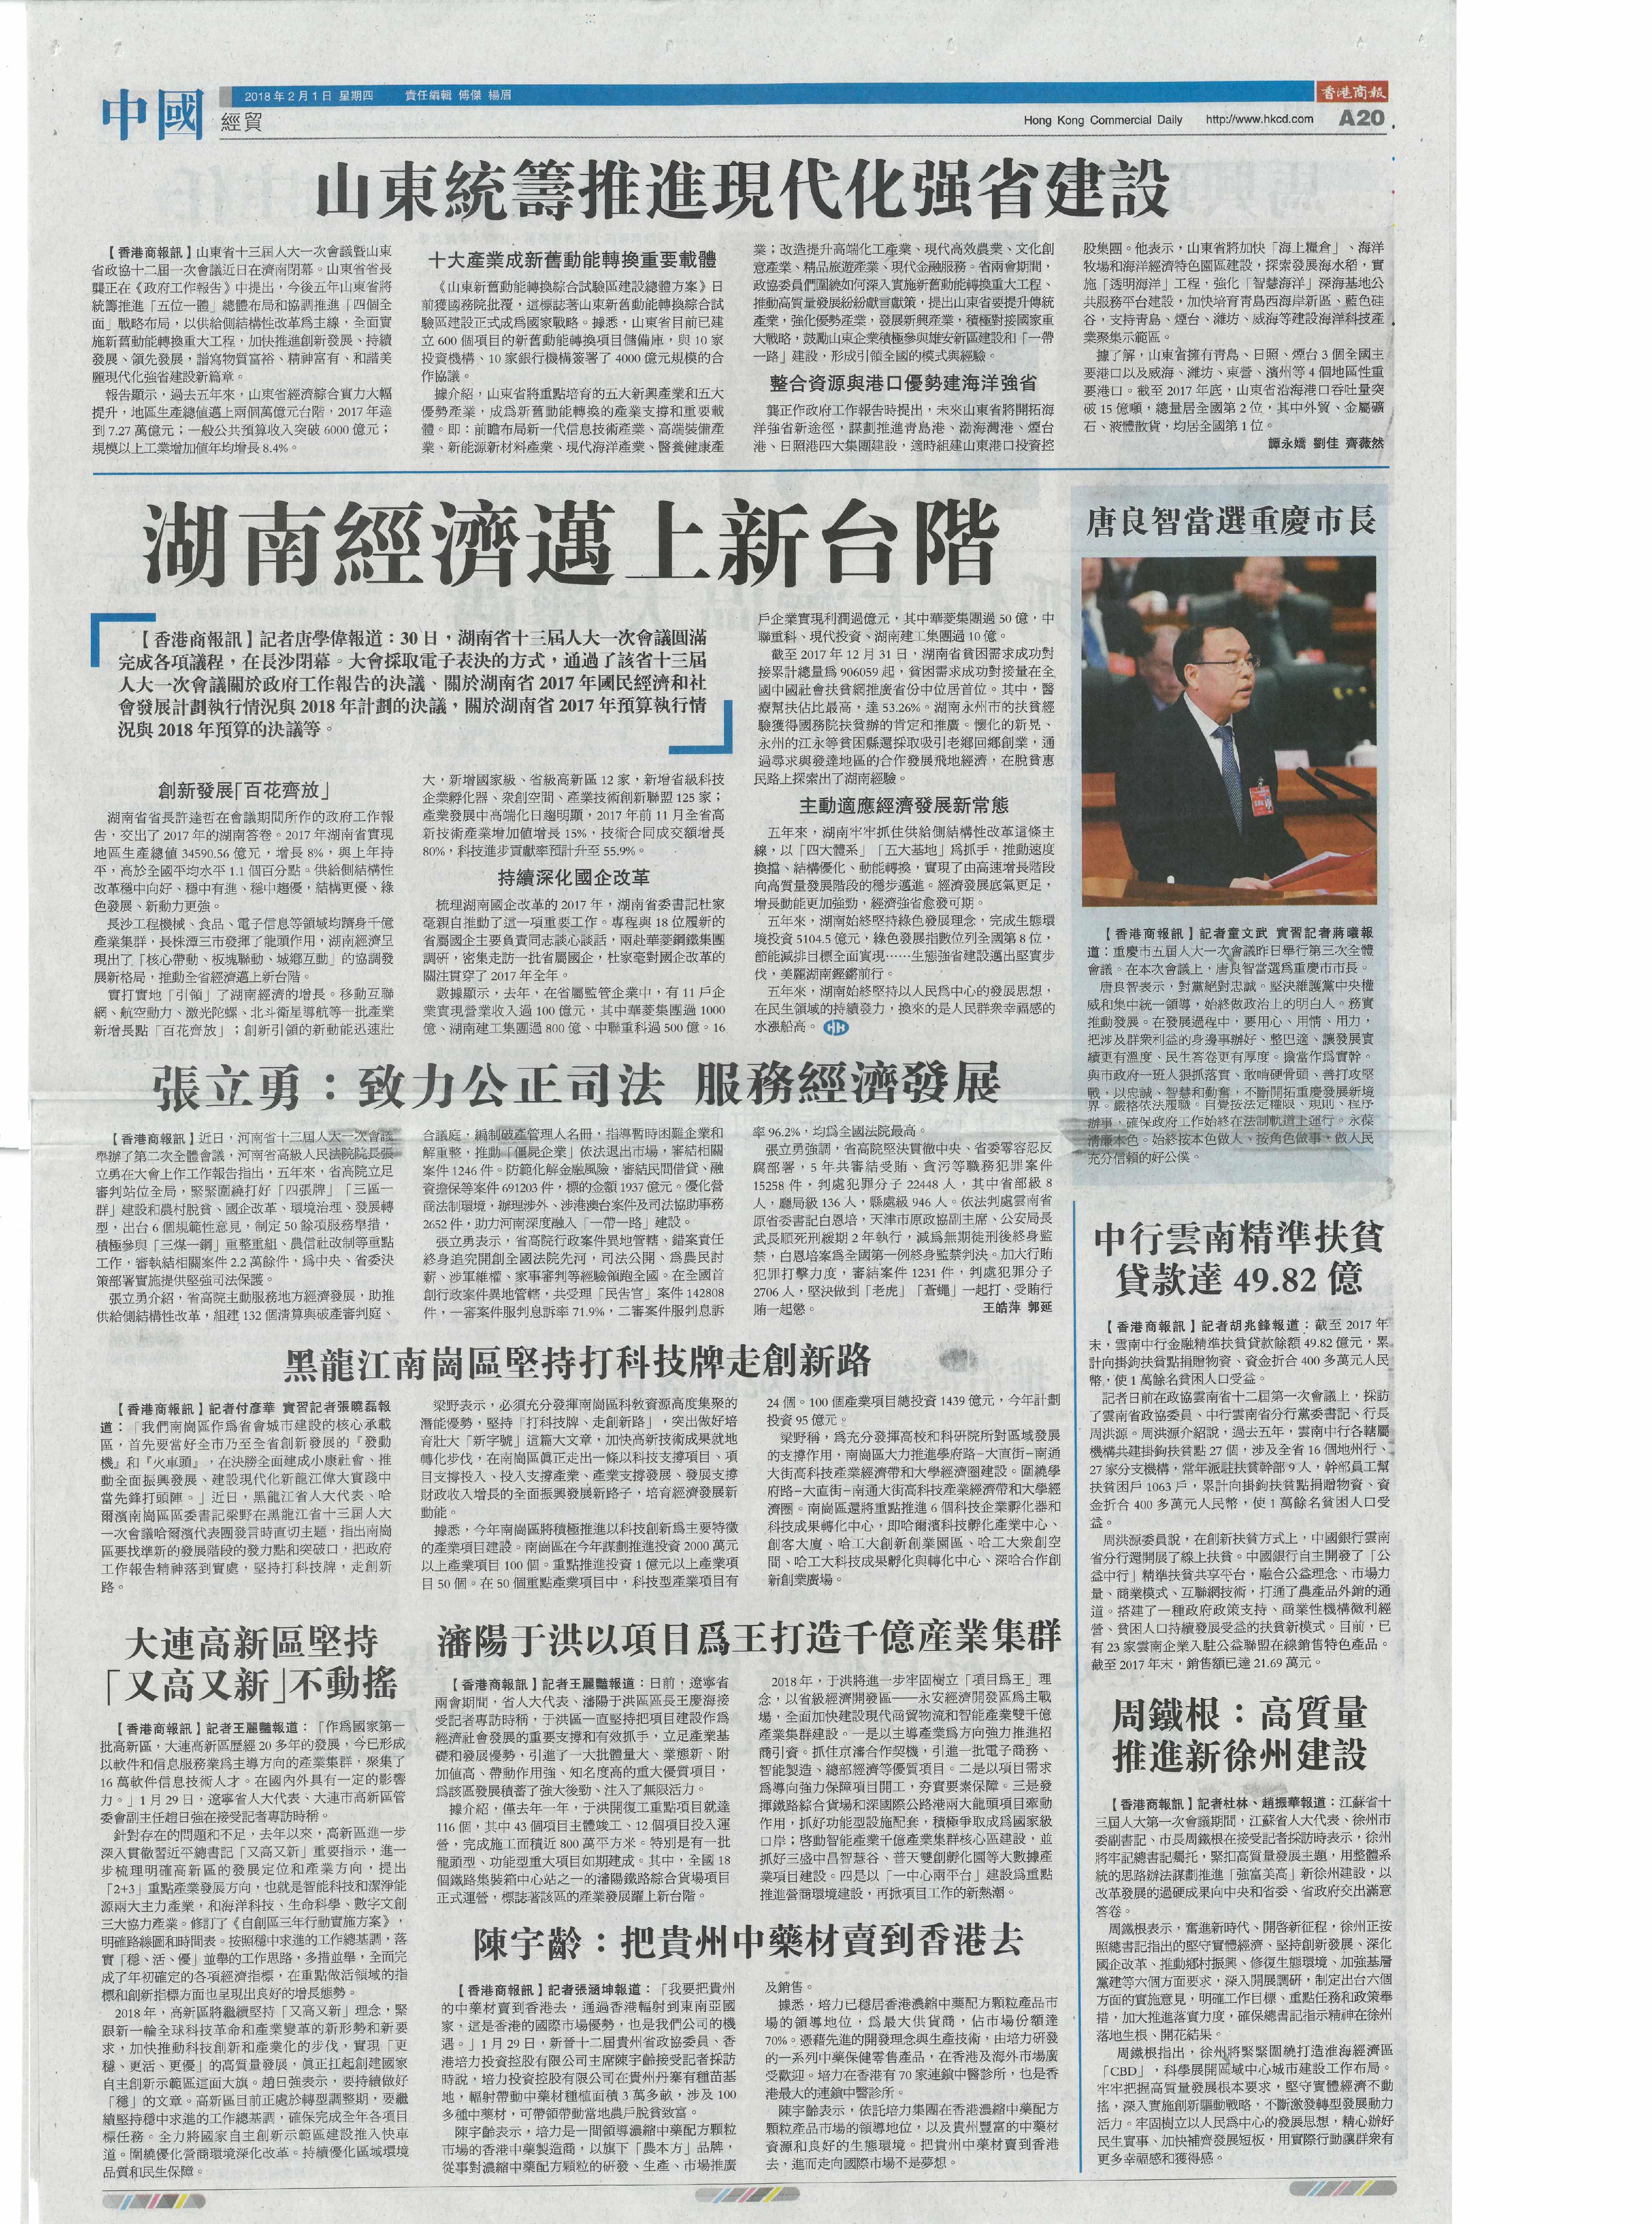 2018-02-01 A20 香港商報 陳宇齡-把貴州中藥材賣到香港去